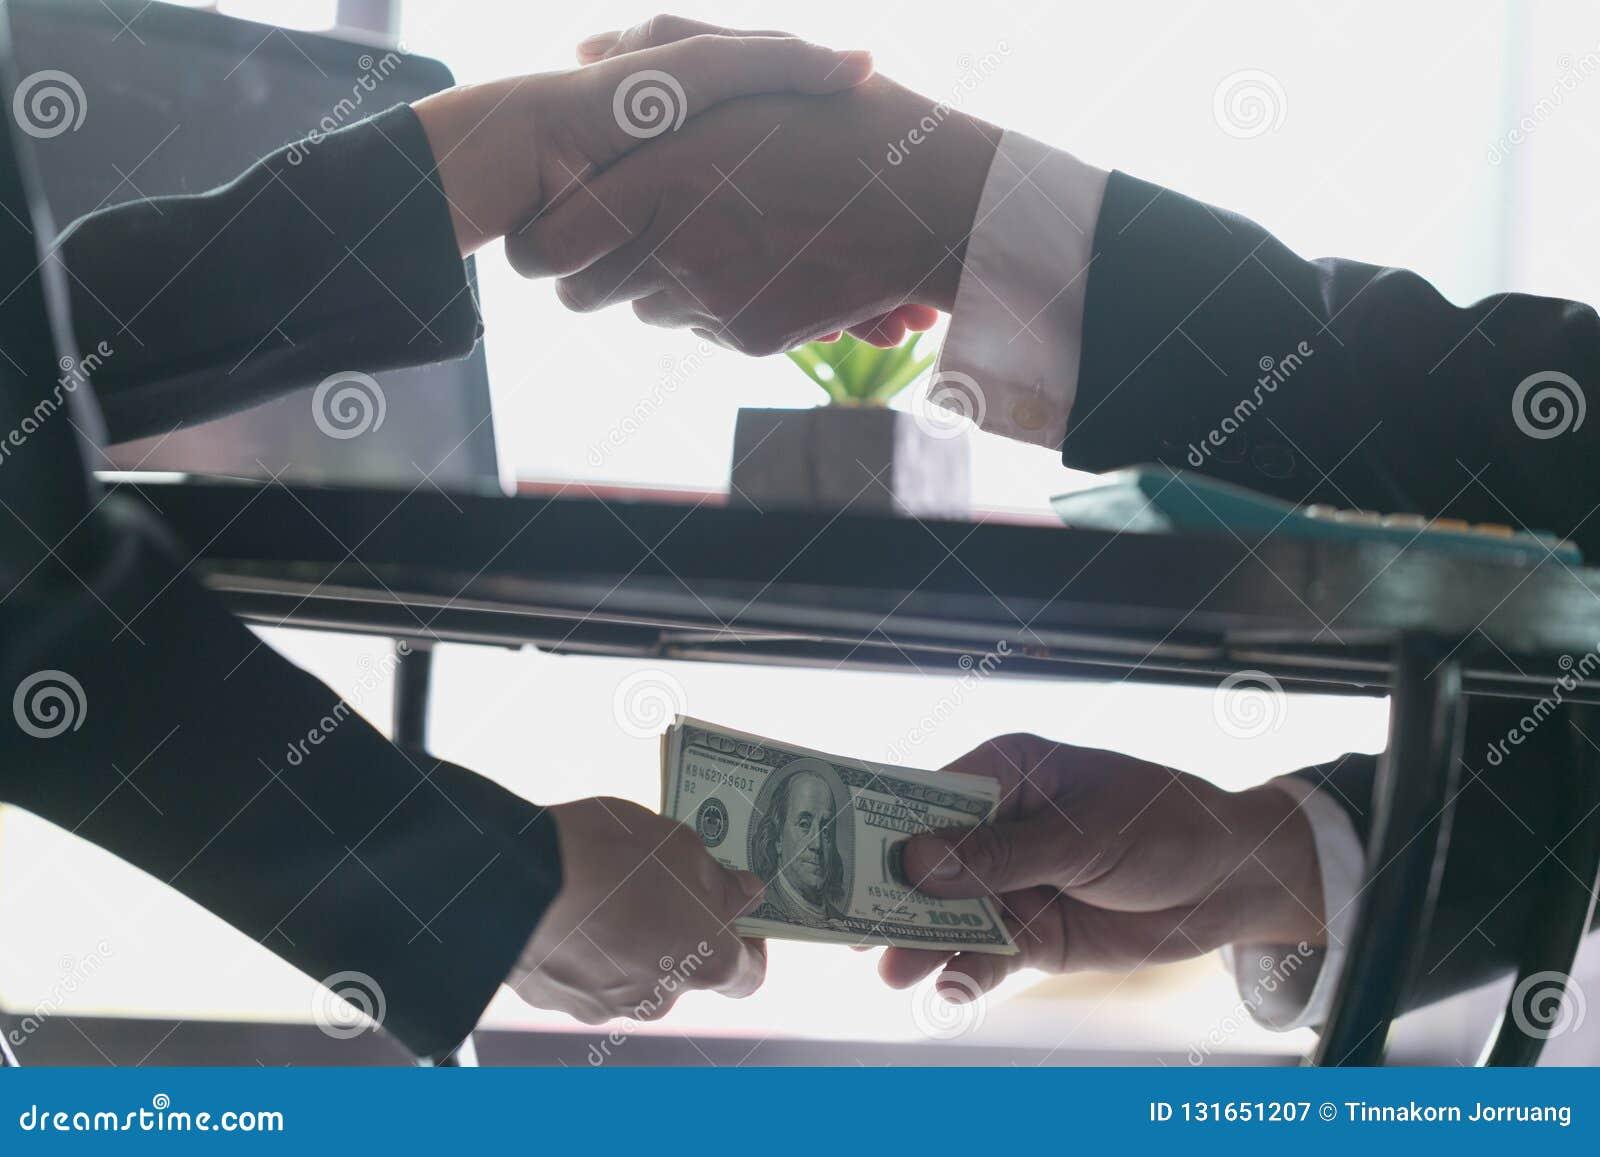 Homme d affaires corrompu scellant l affaire avec une poignée de main et recevant un argent de paiement illicite, un anti corrupt